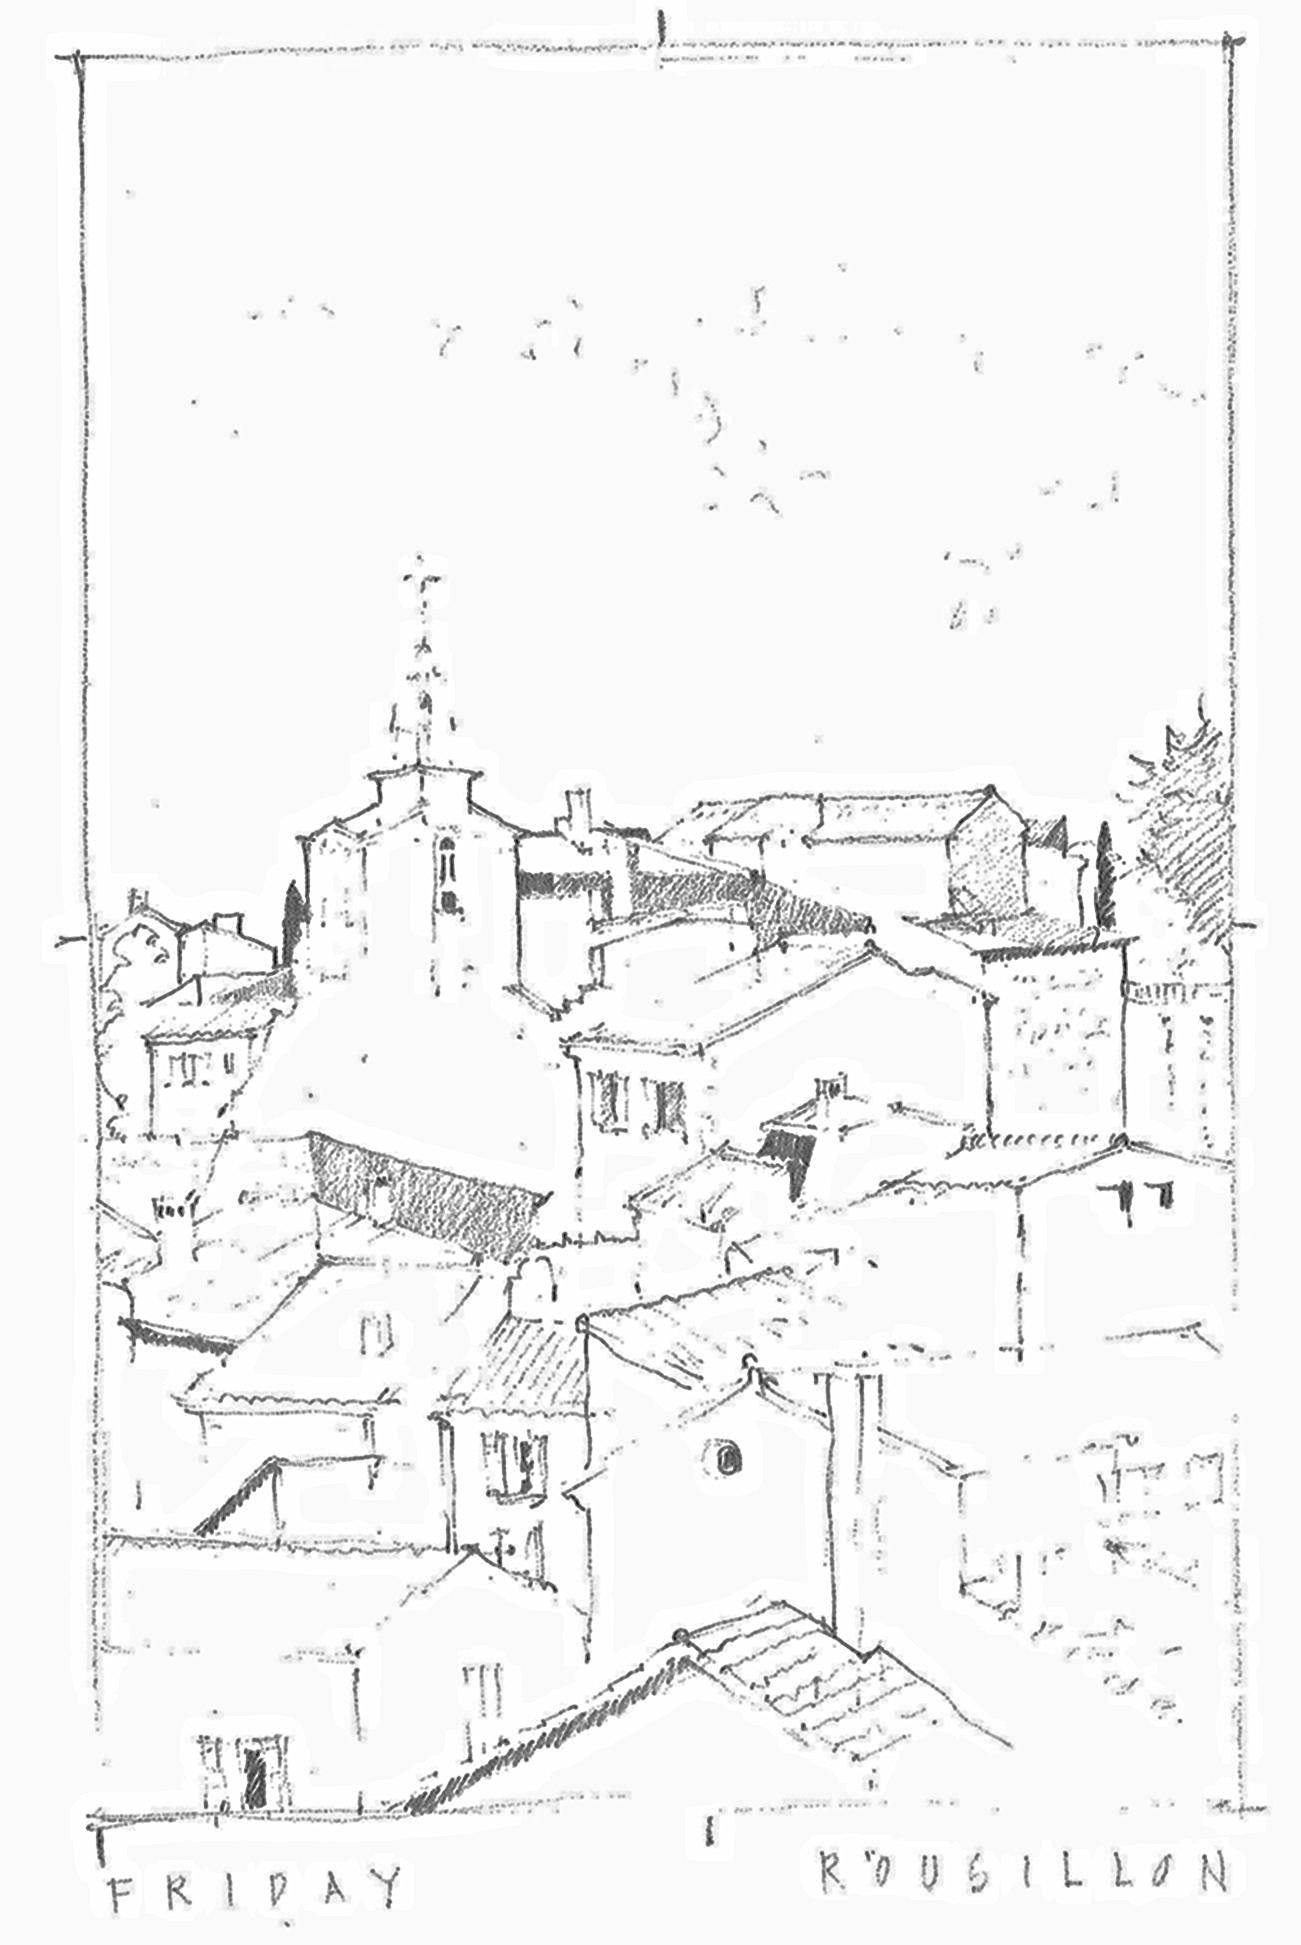 Rousillon